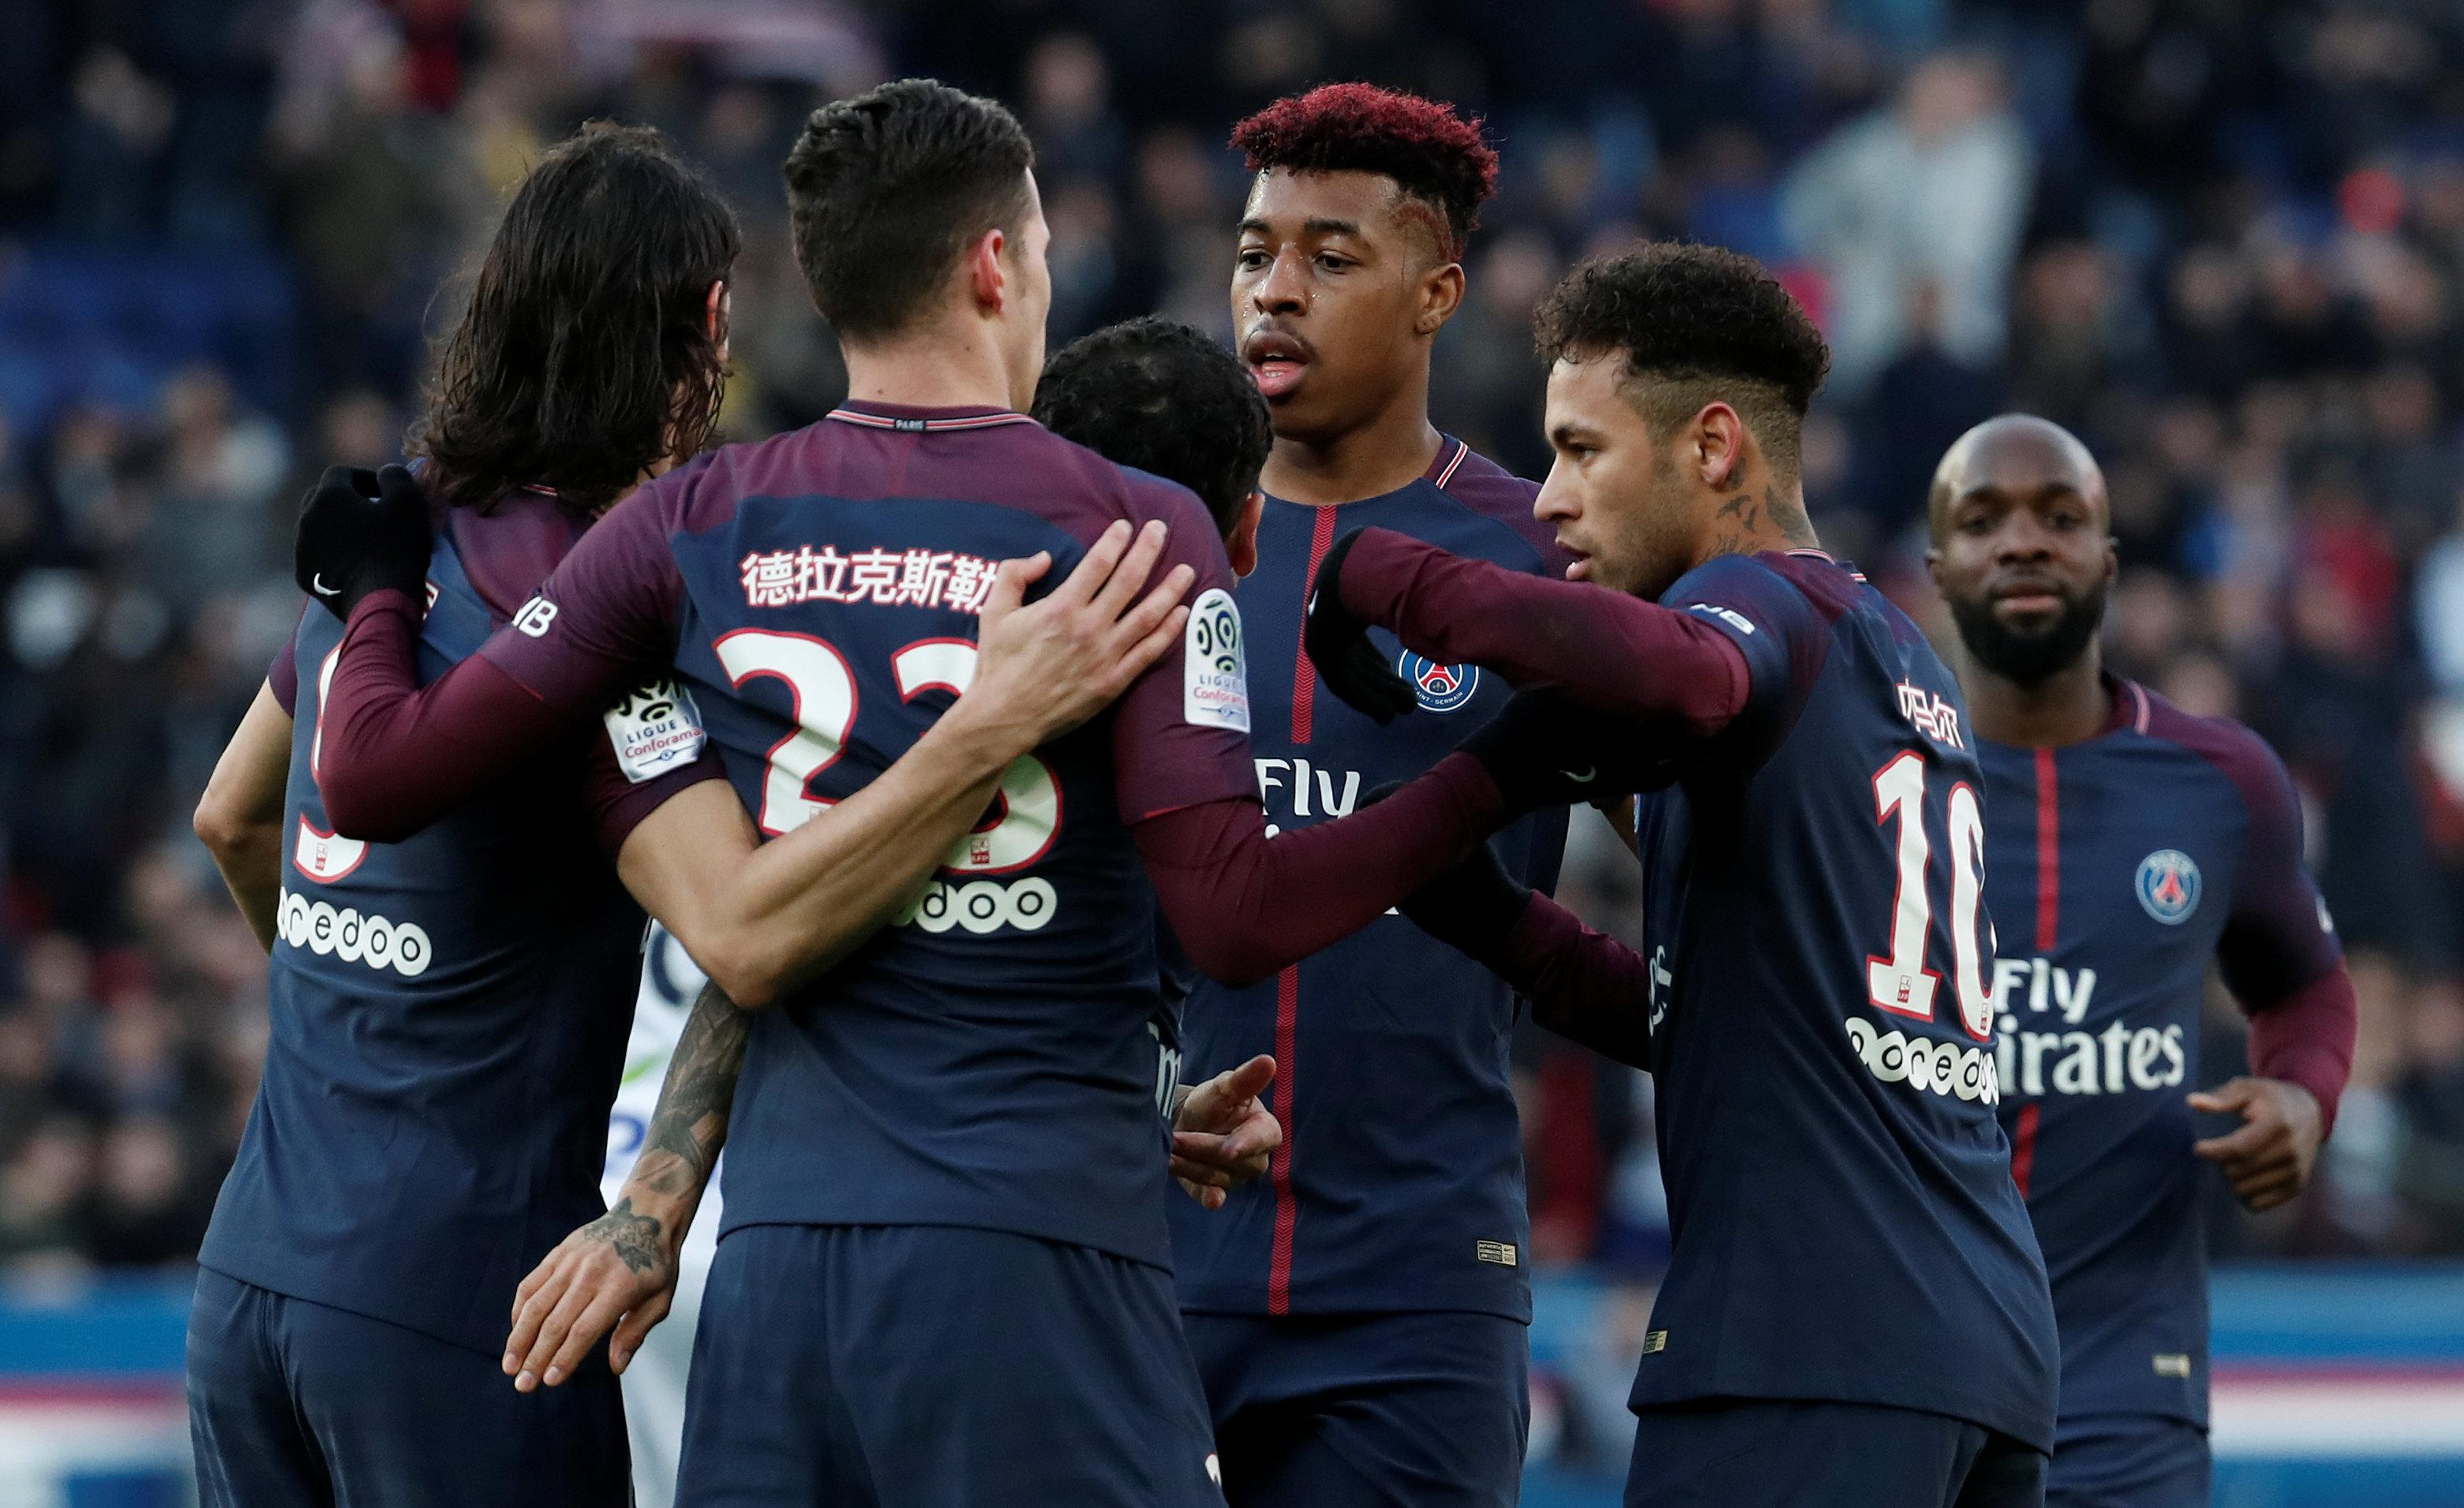 Niềm vui của các cầu thủ PSG sau khi Draxler (23) gỡ hòa 1-1. Ảnh: REUTERS